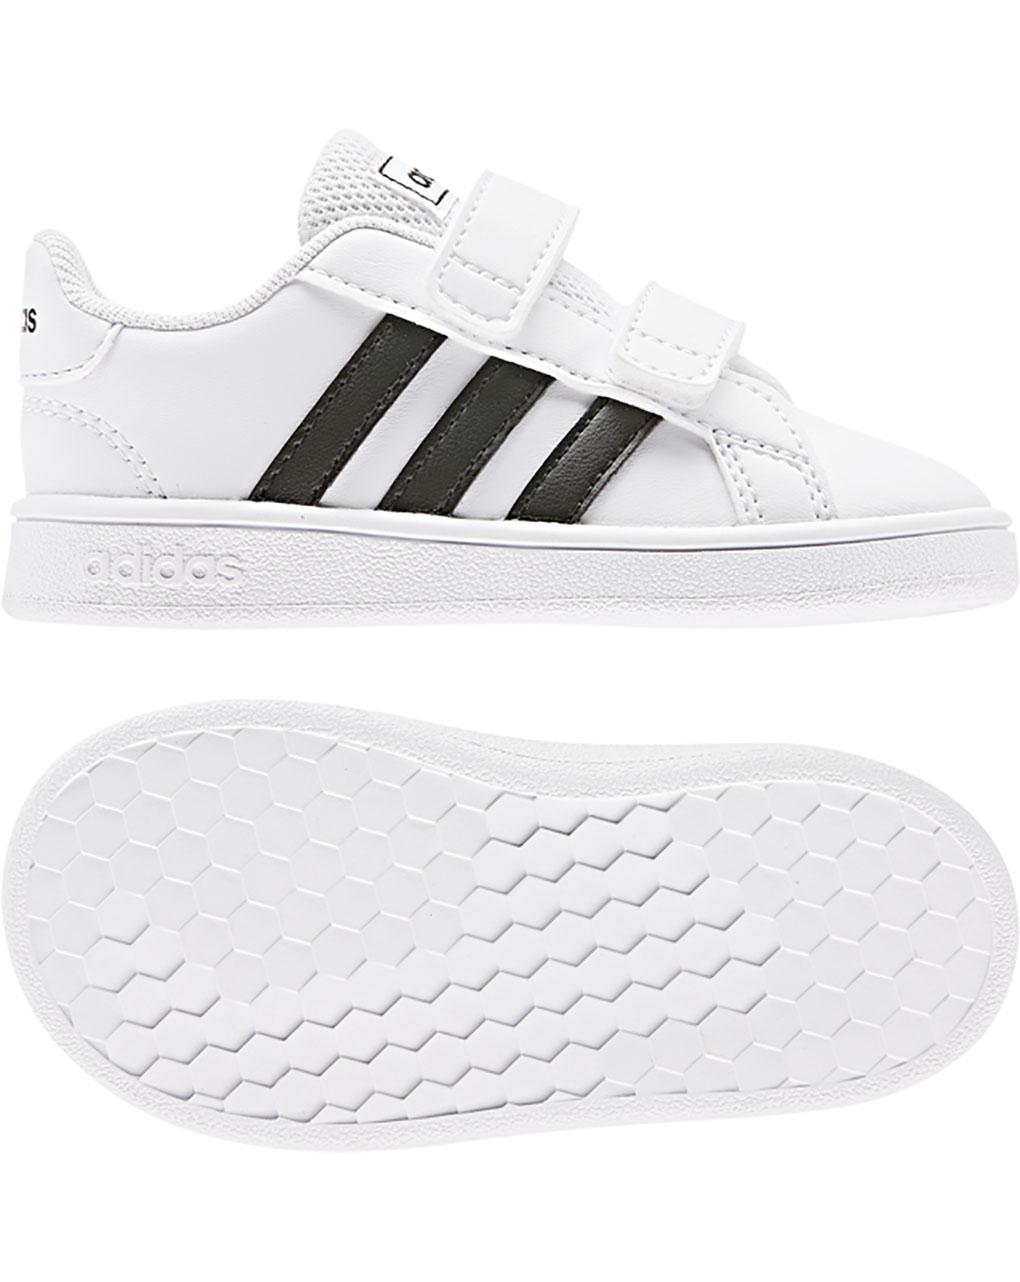 Αθλητικά Παπούτσια Adidas Grand Court I EF0118 για Αγόρι